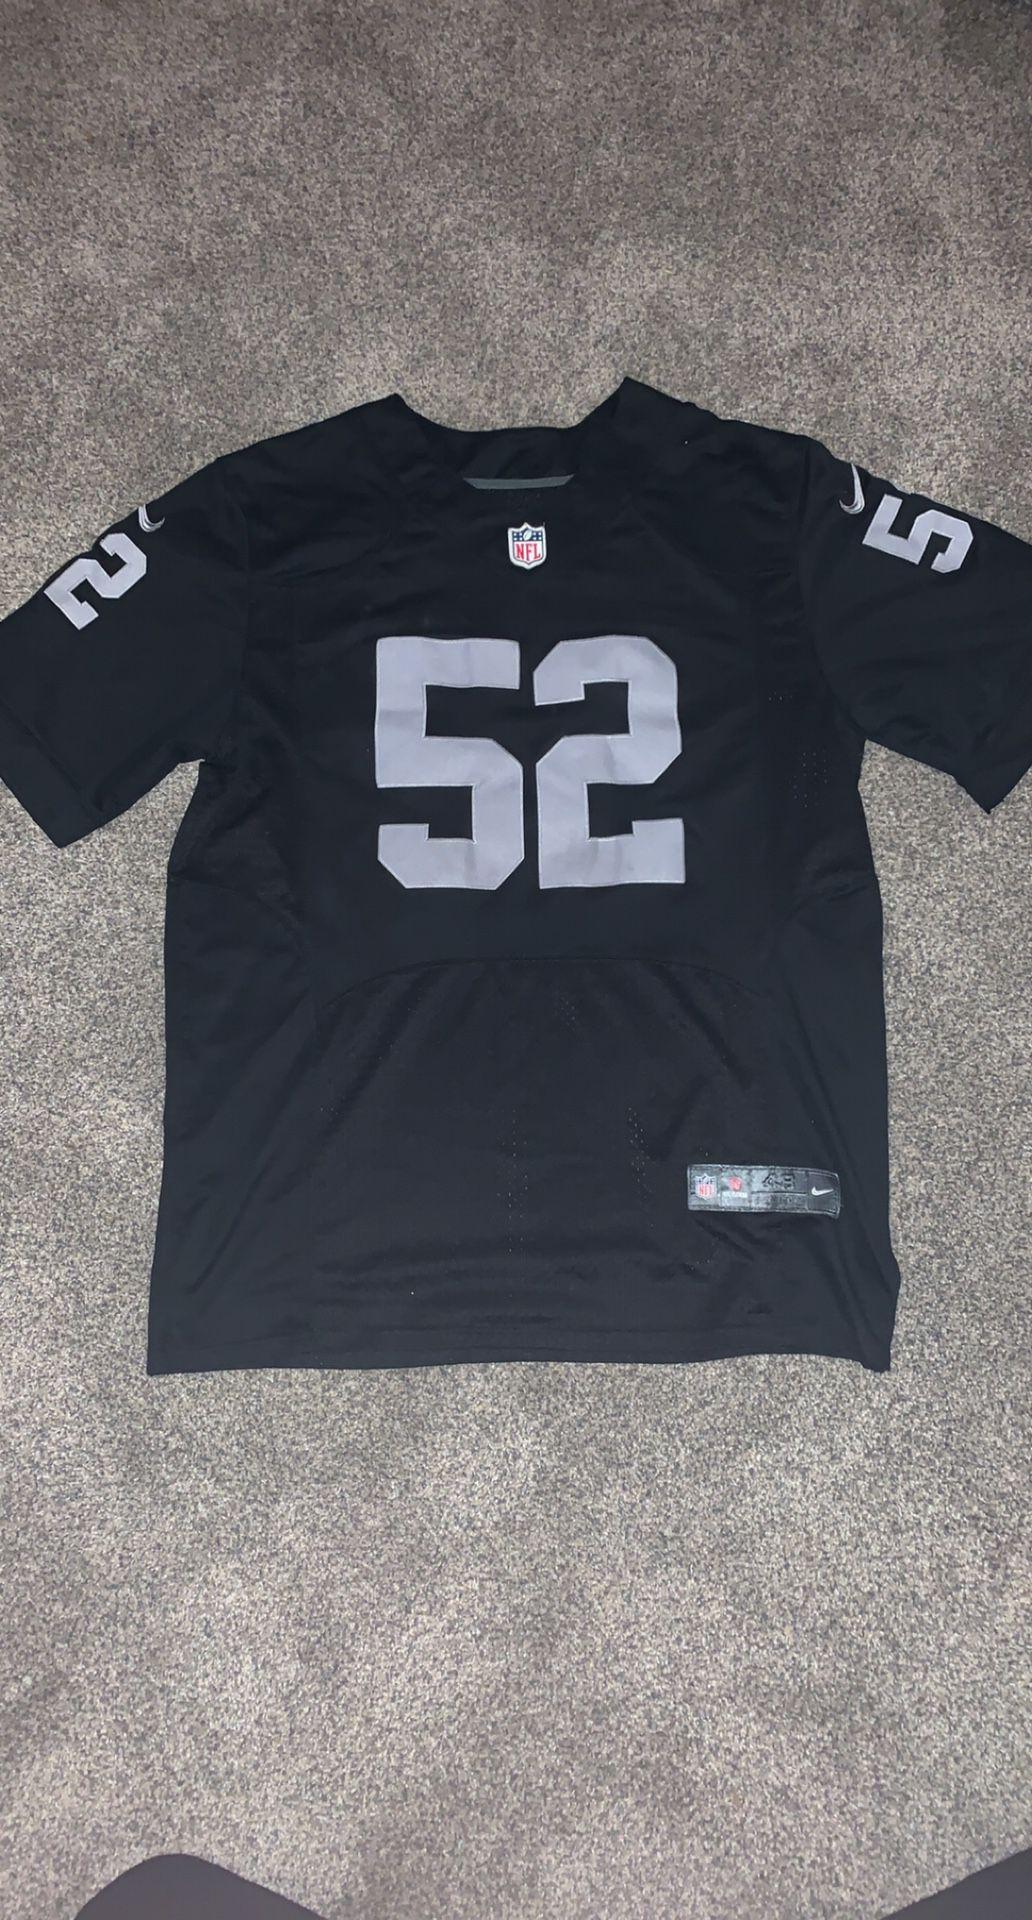 Raiders Jersey Size 48 XL